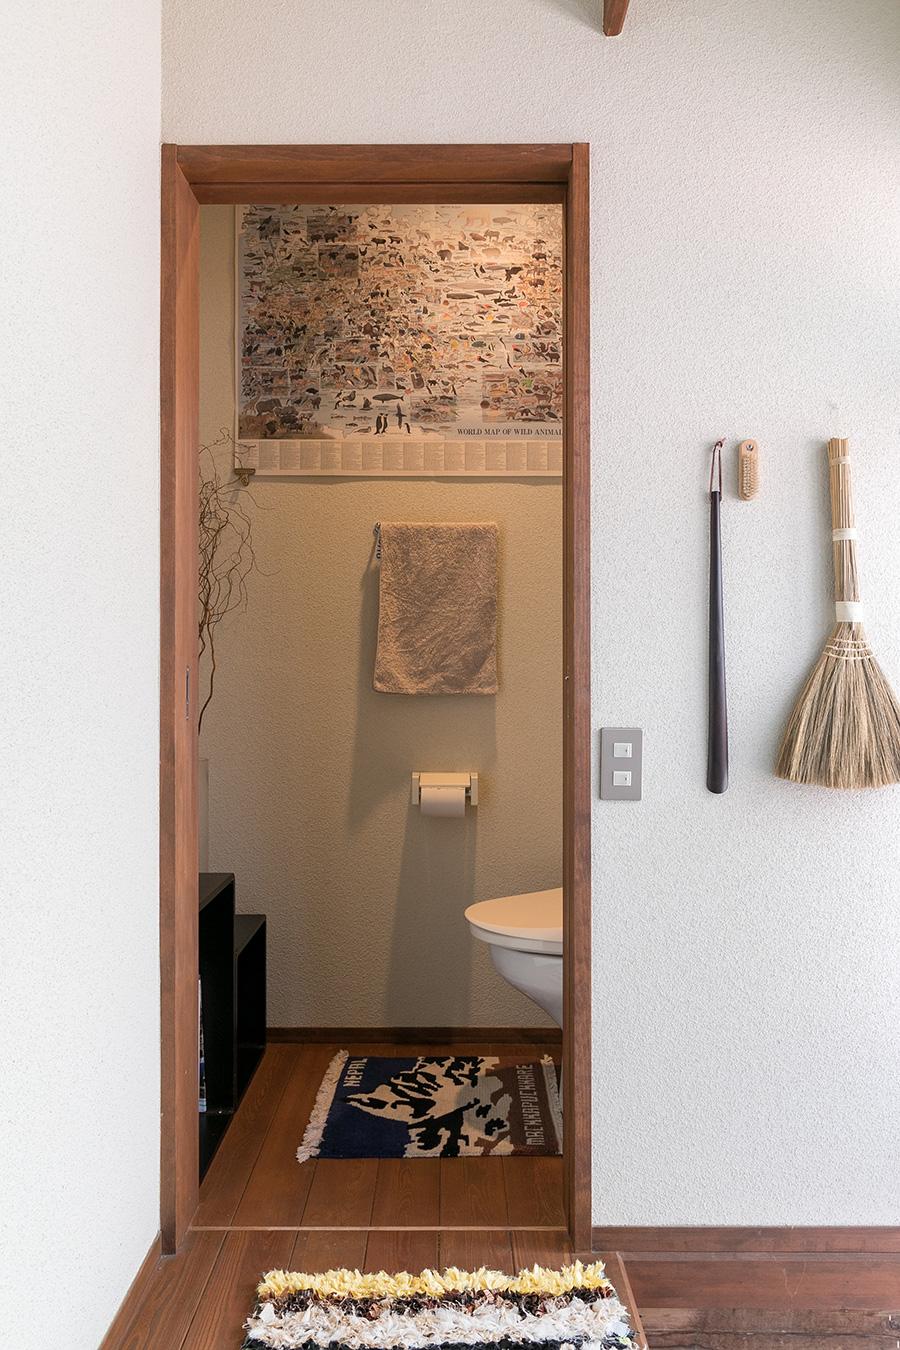 玄関脇のトイレは、長居してしまいそうな設え。